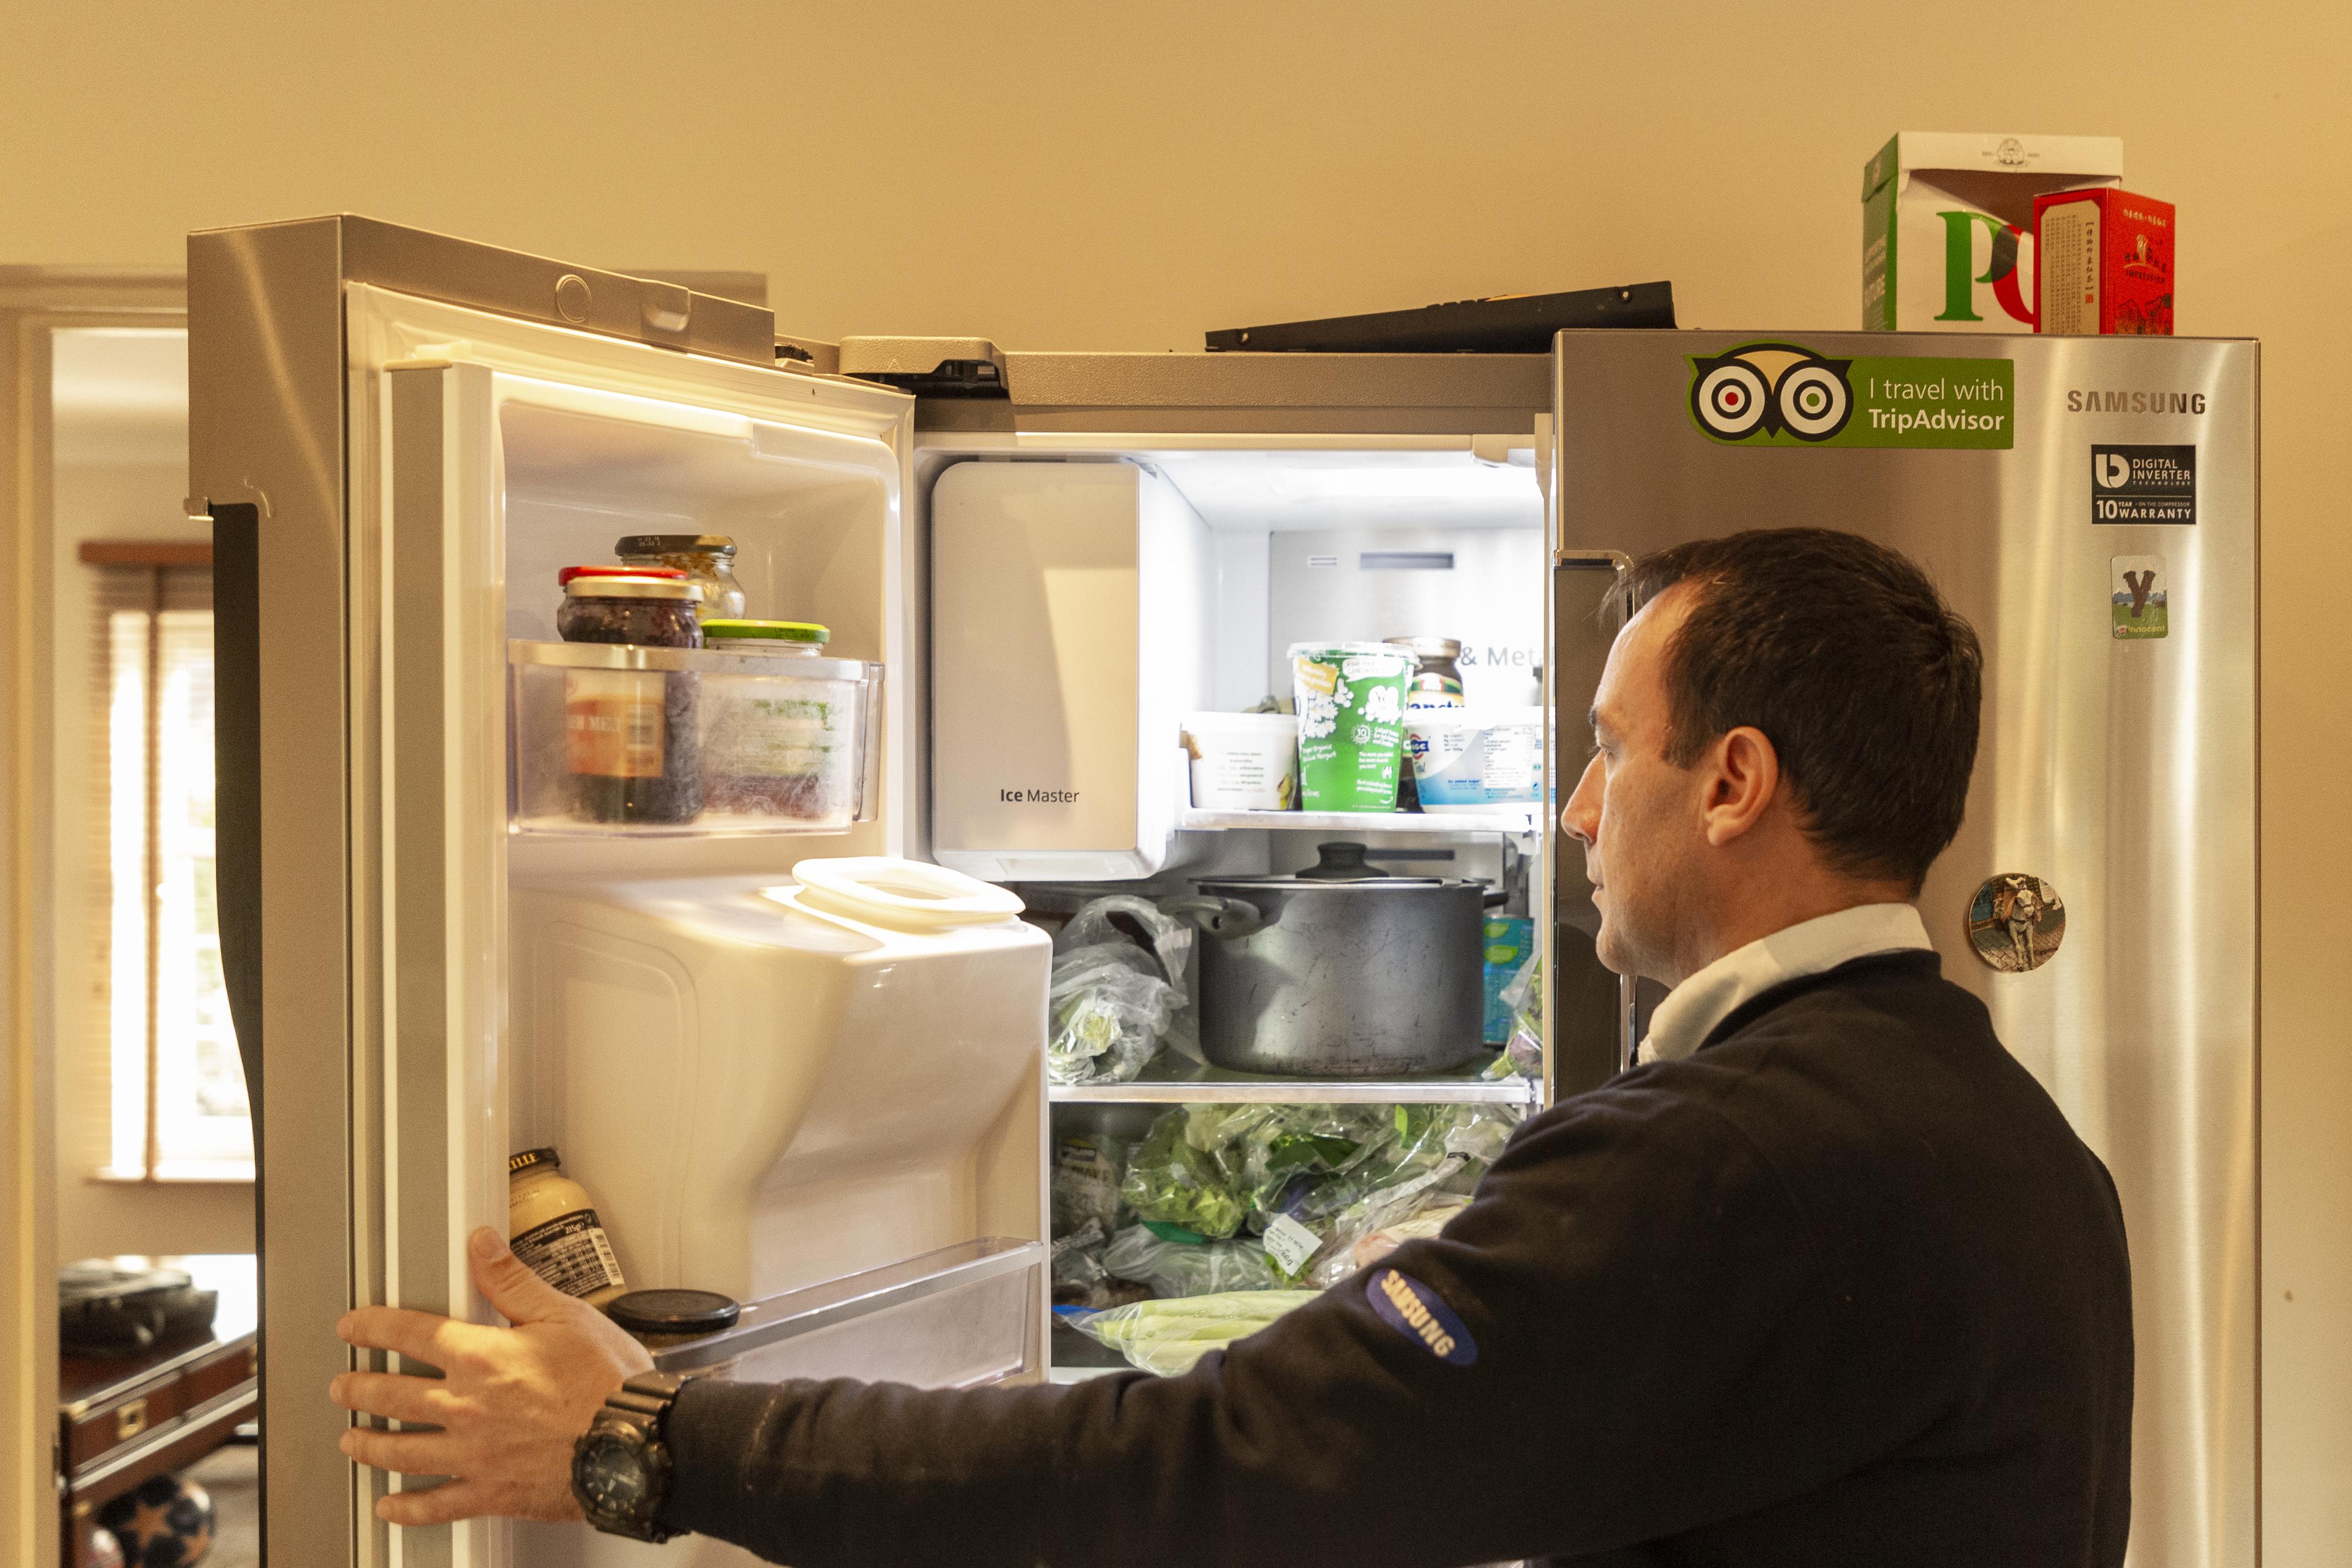 Fridge Repairs in London and Surrey | Refrigerator Repairs | Domex Ltd